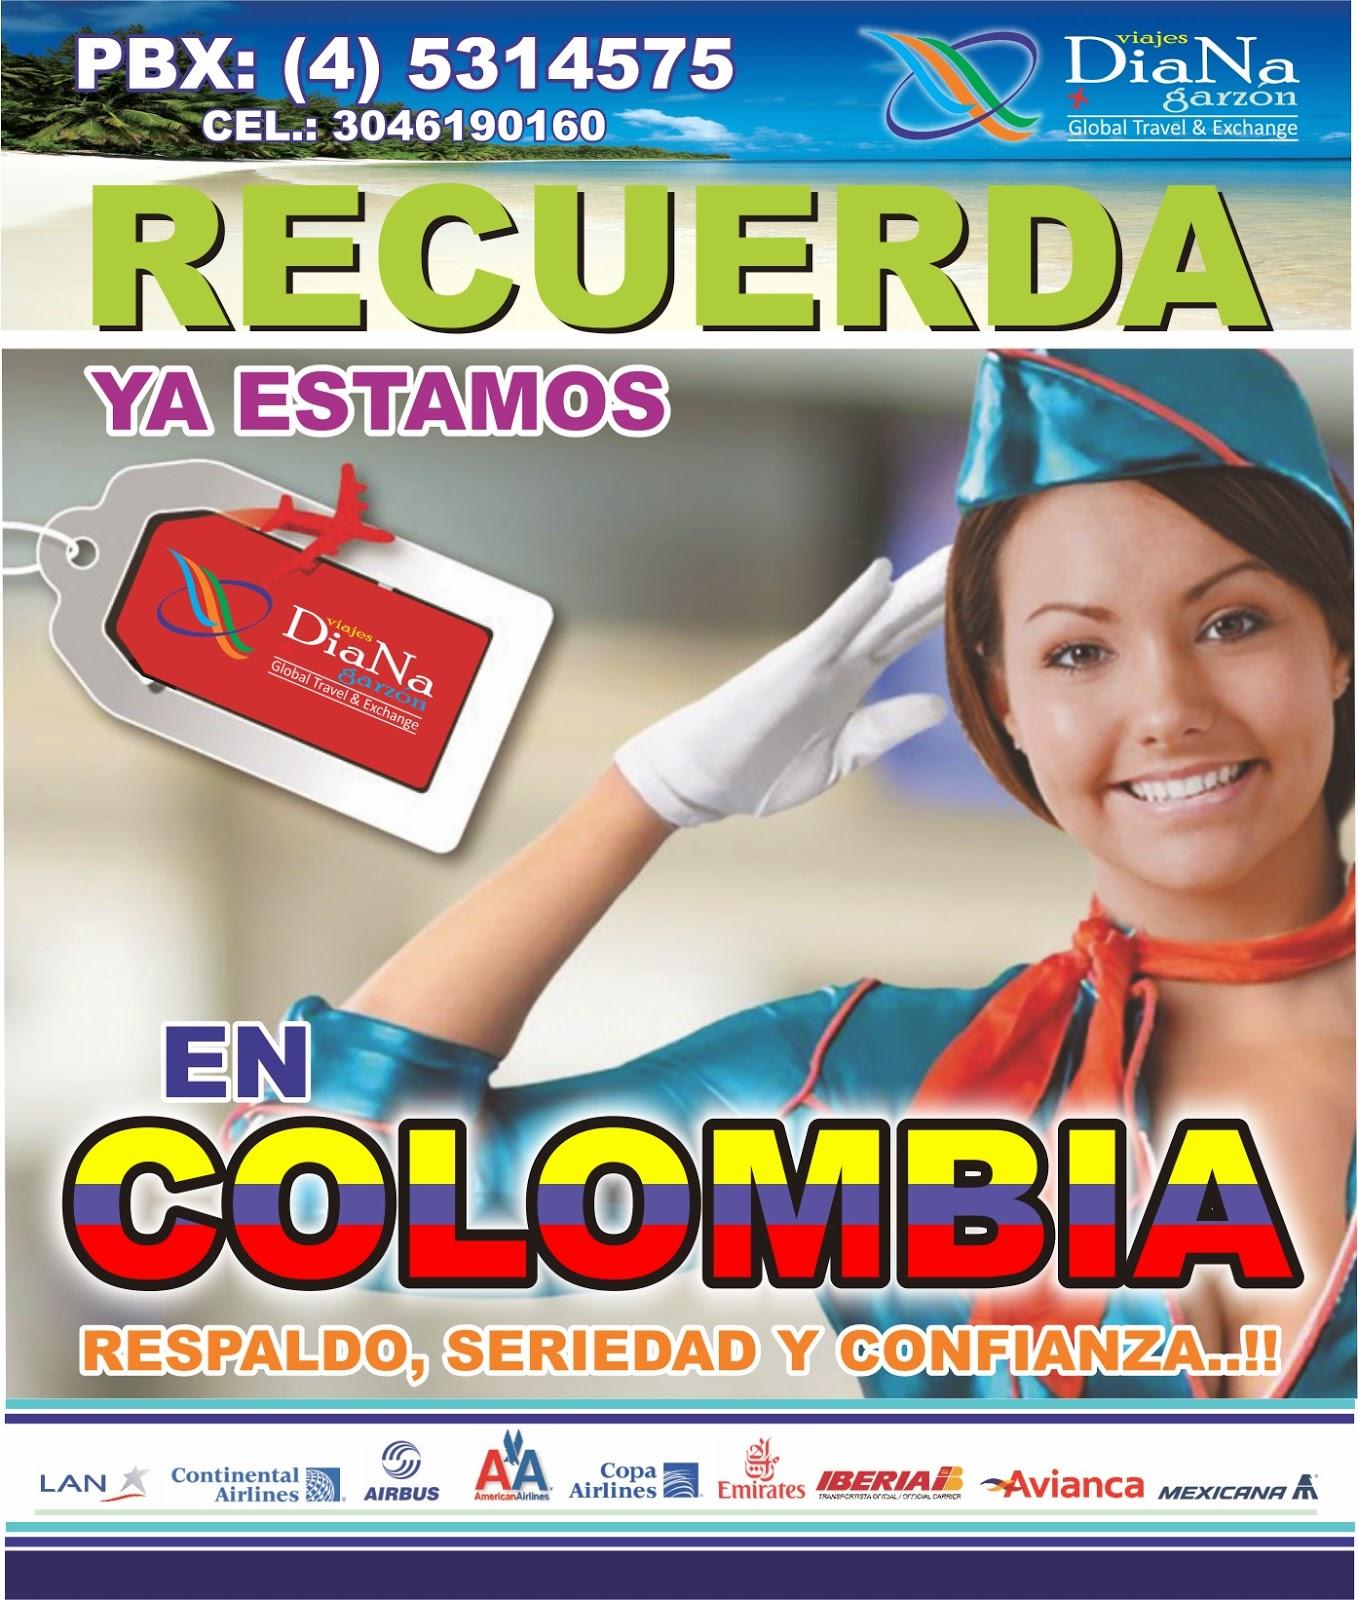 Viajes diana garzon su agencia de viajes en colombia y - Agencia de viajes diana garzon ...